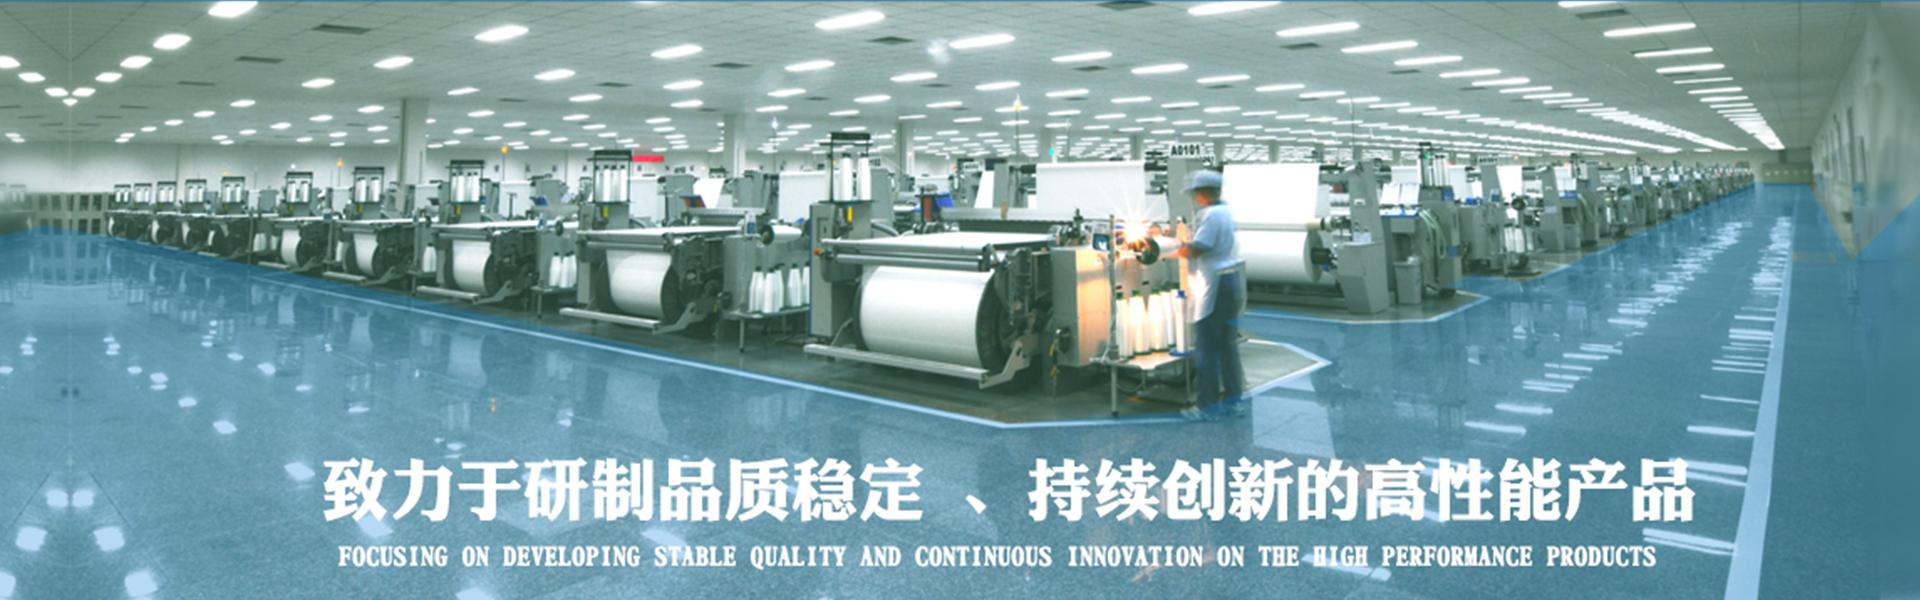 致力于研制品质稳定、持续创新的高性能产品